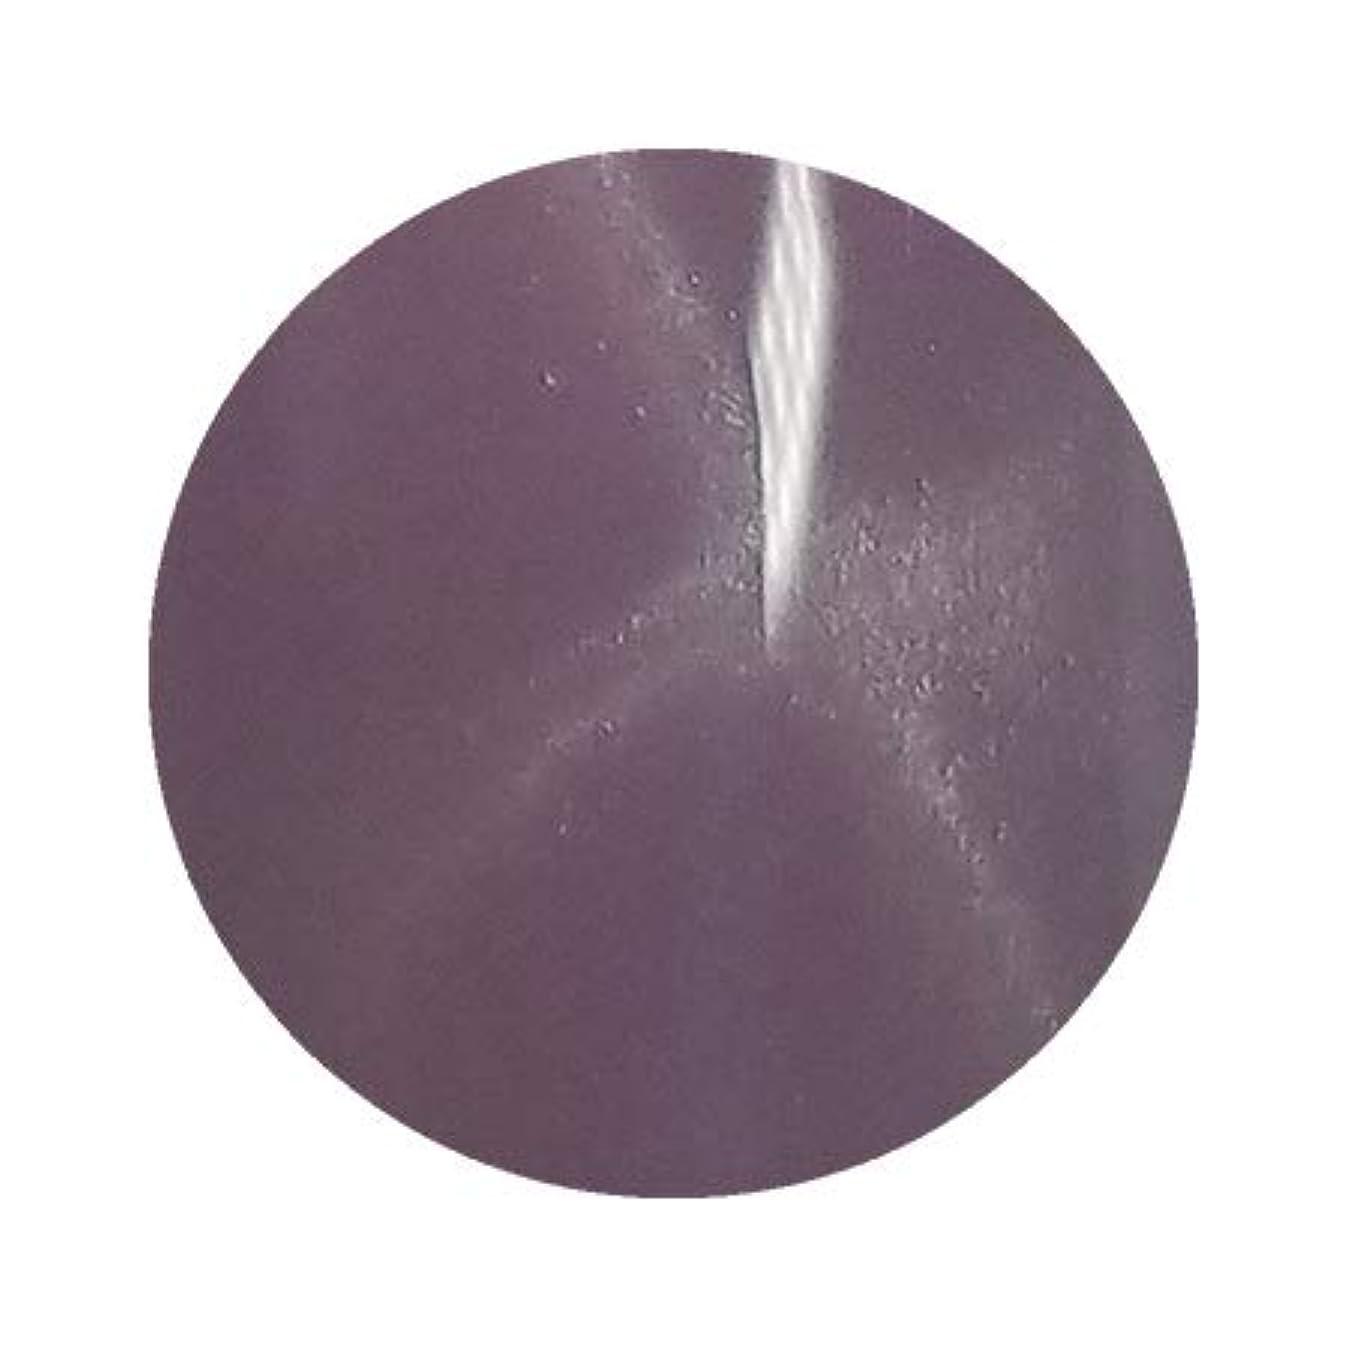 かみそりループ学者アイスジェル A BLACK ダブルギャラクシージェル DG-1117 キャッツアイロイヤルパープル 3g